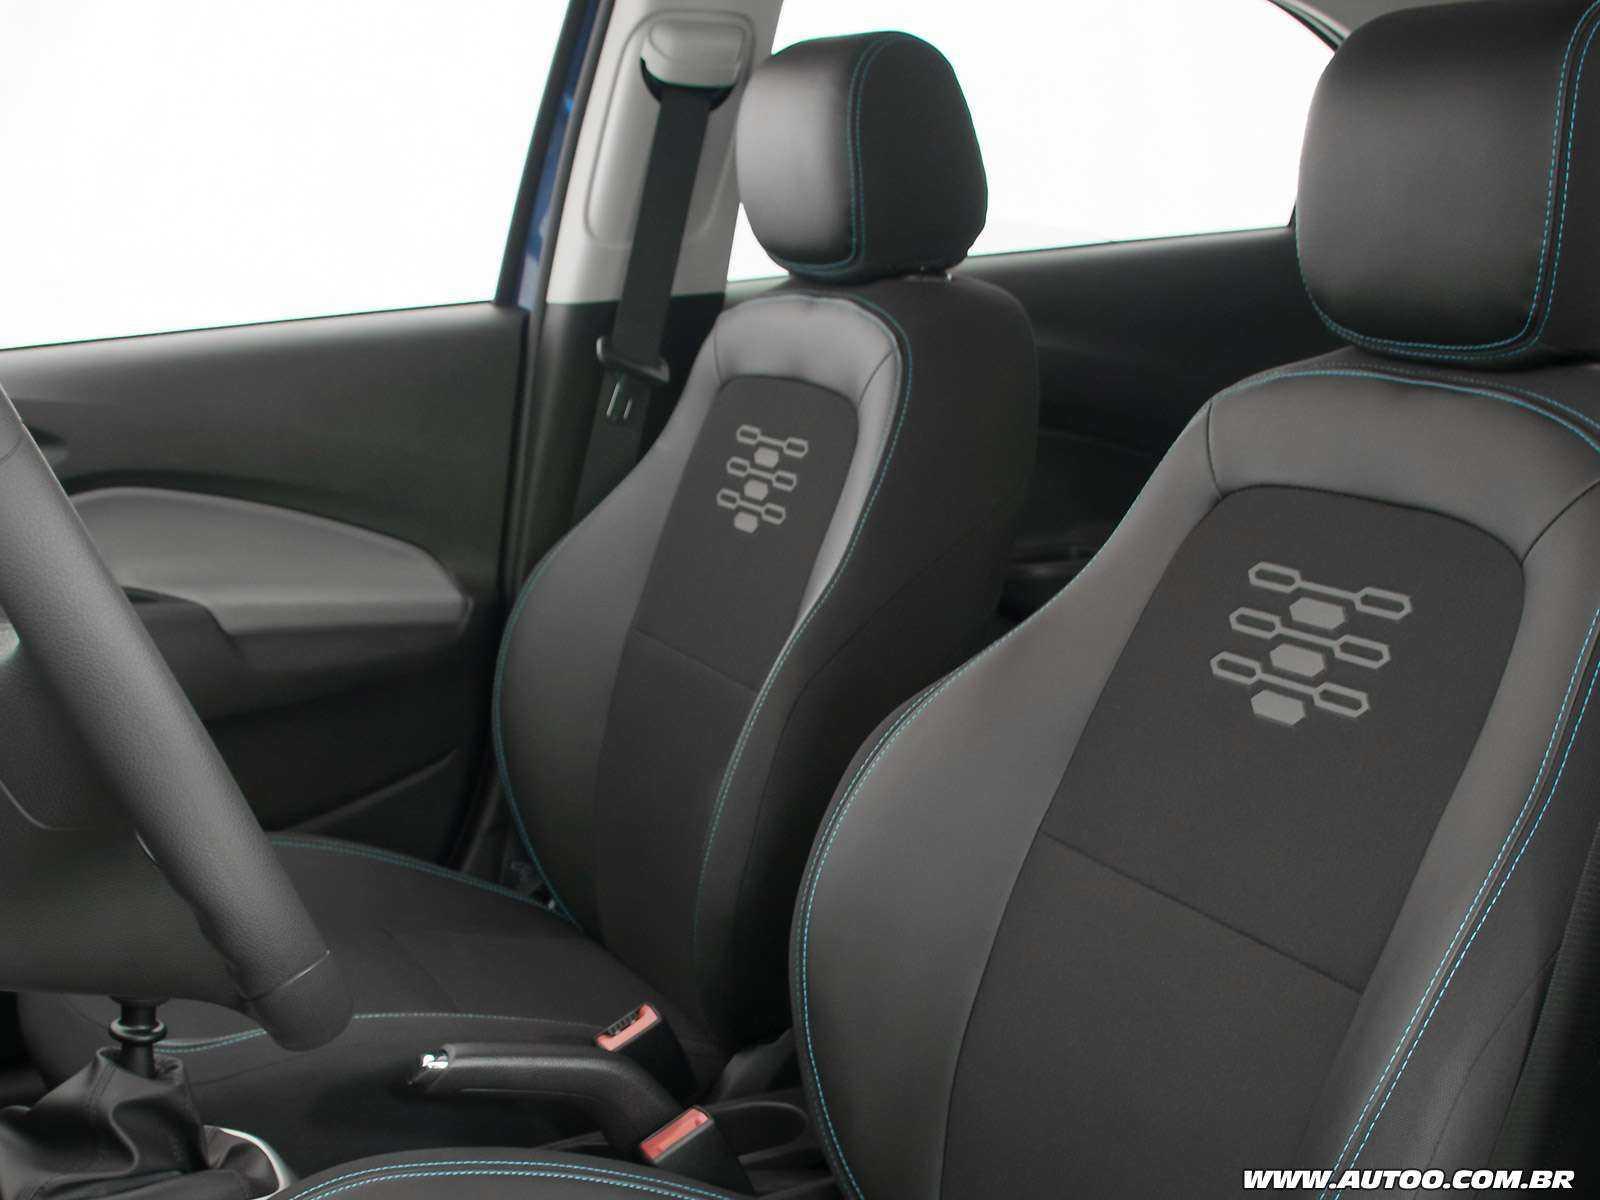 ChevroletOnix 2019 - bancos dianteiros